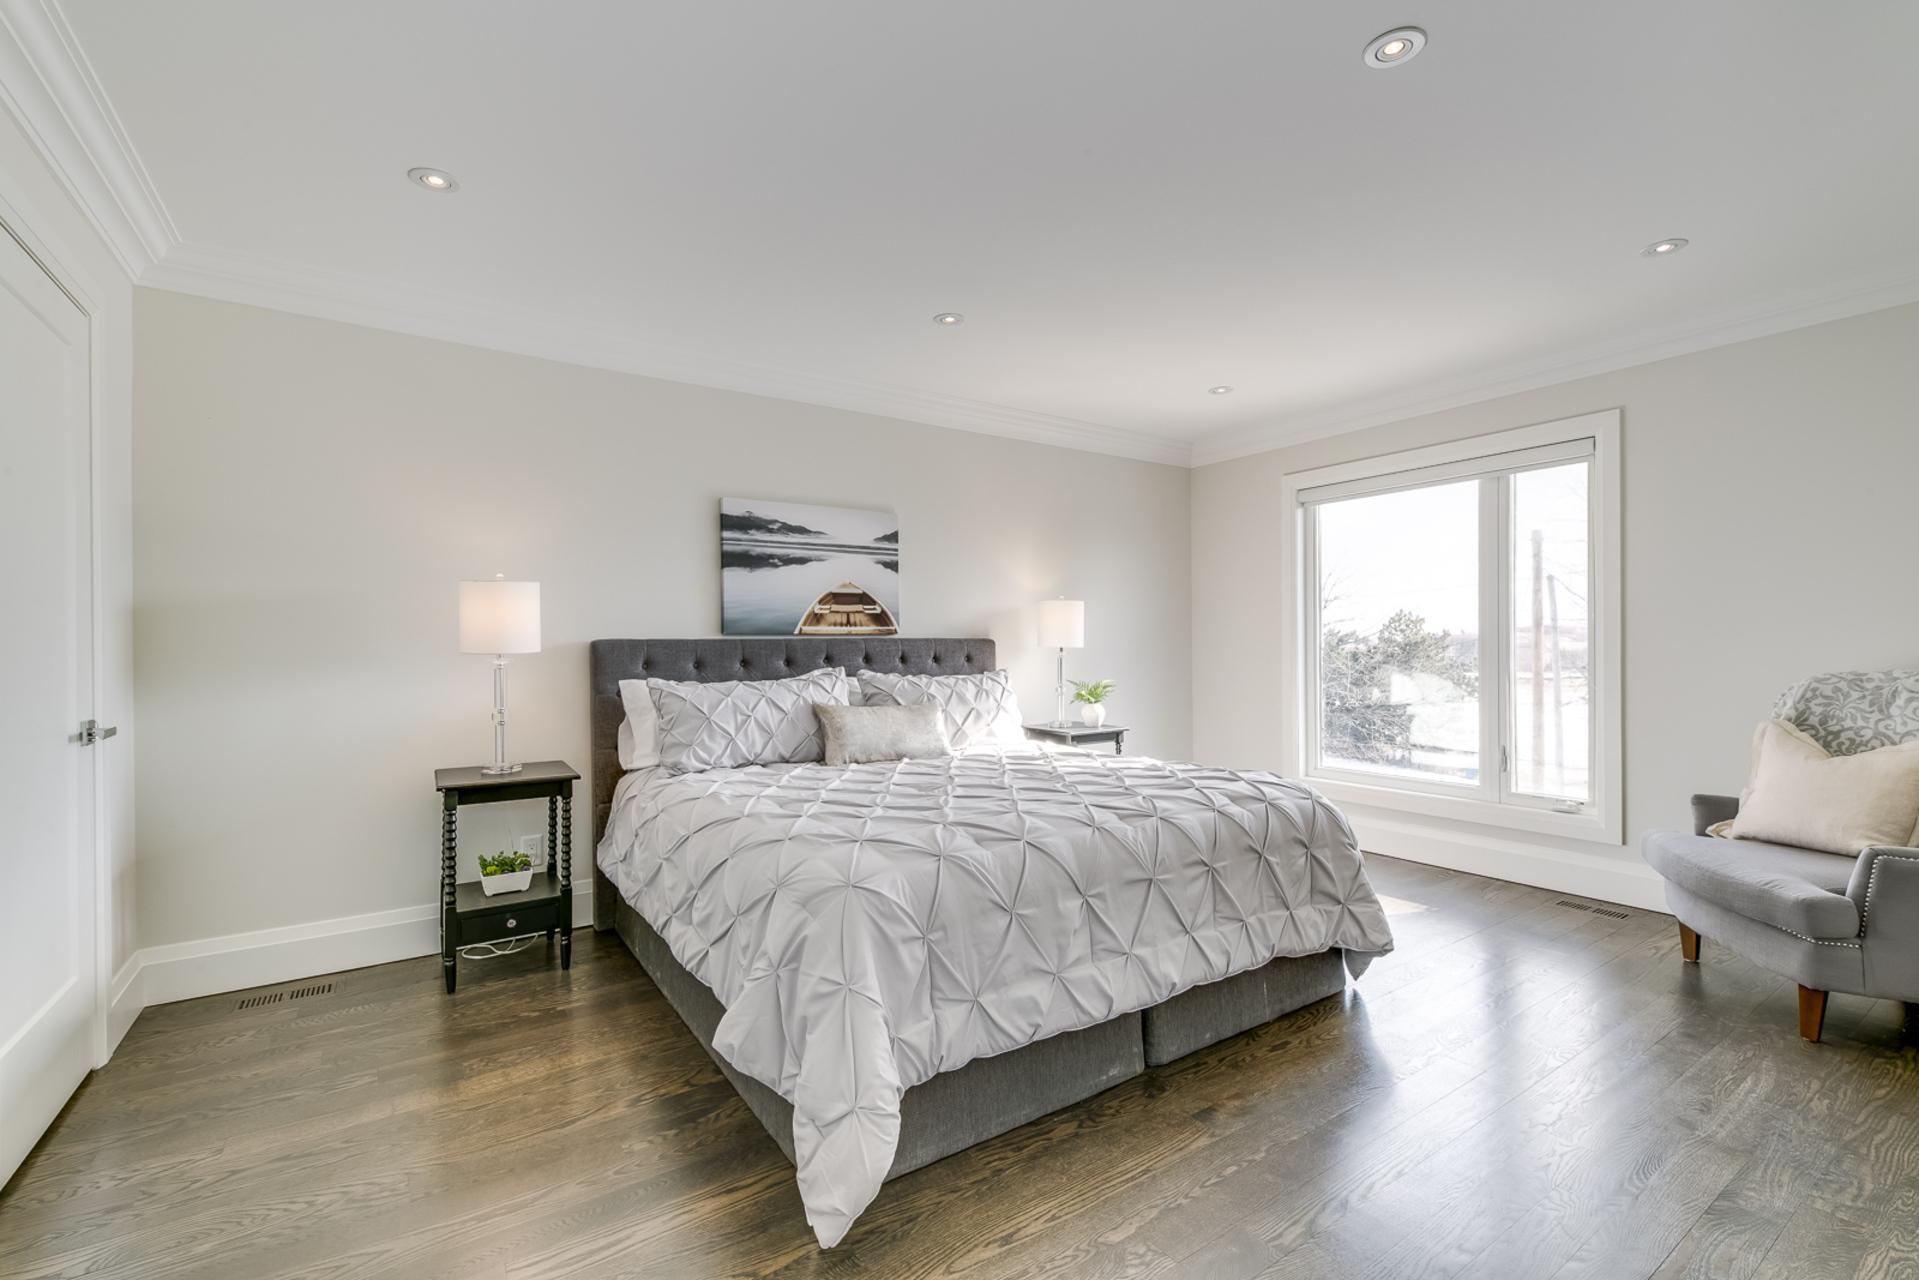 3rd Bedroom - 729 Byngmount Ave, Mississauga - Elite3 & Team at 729 Byngmount Avenue, Lakeview, Mississauga